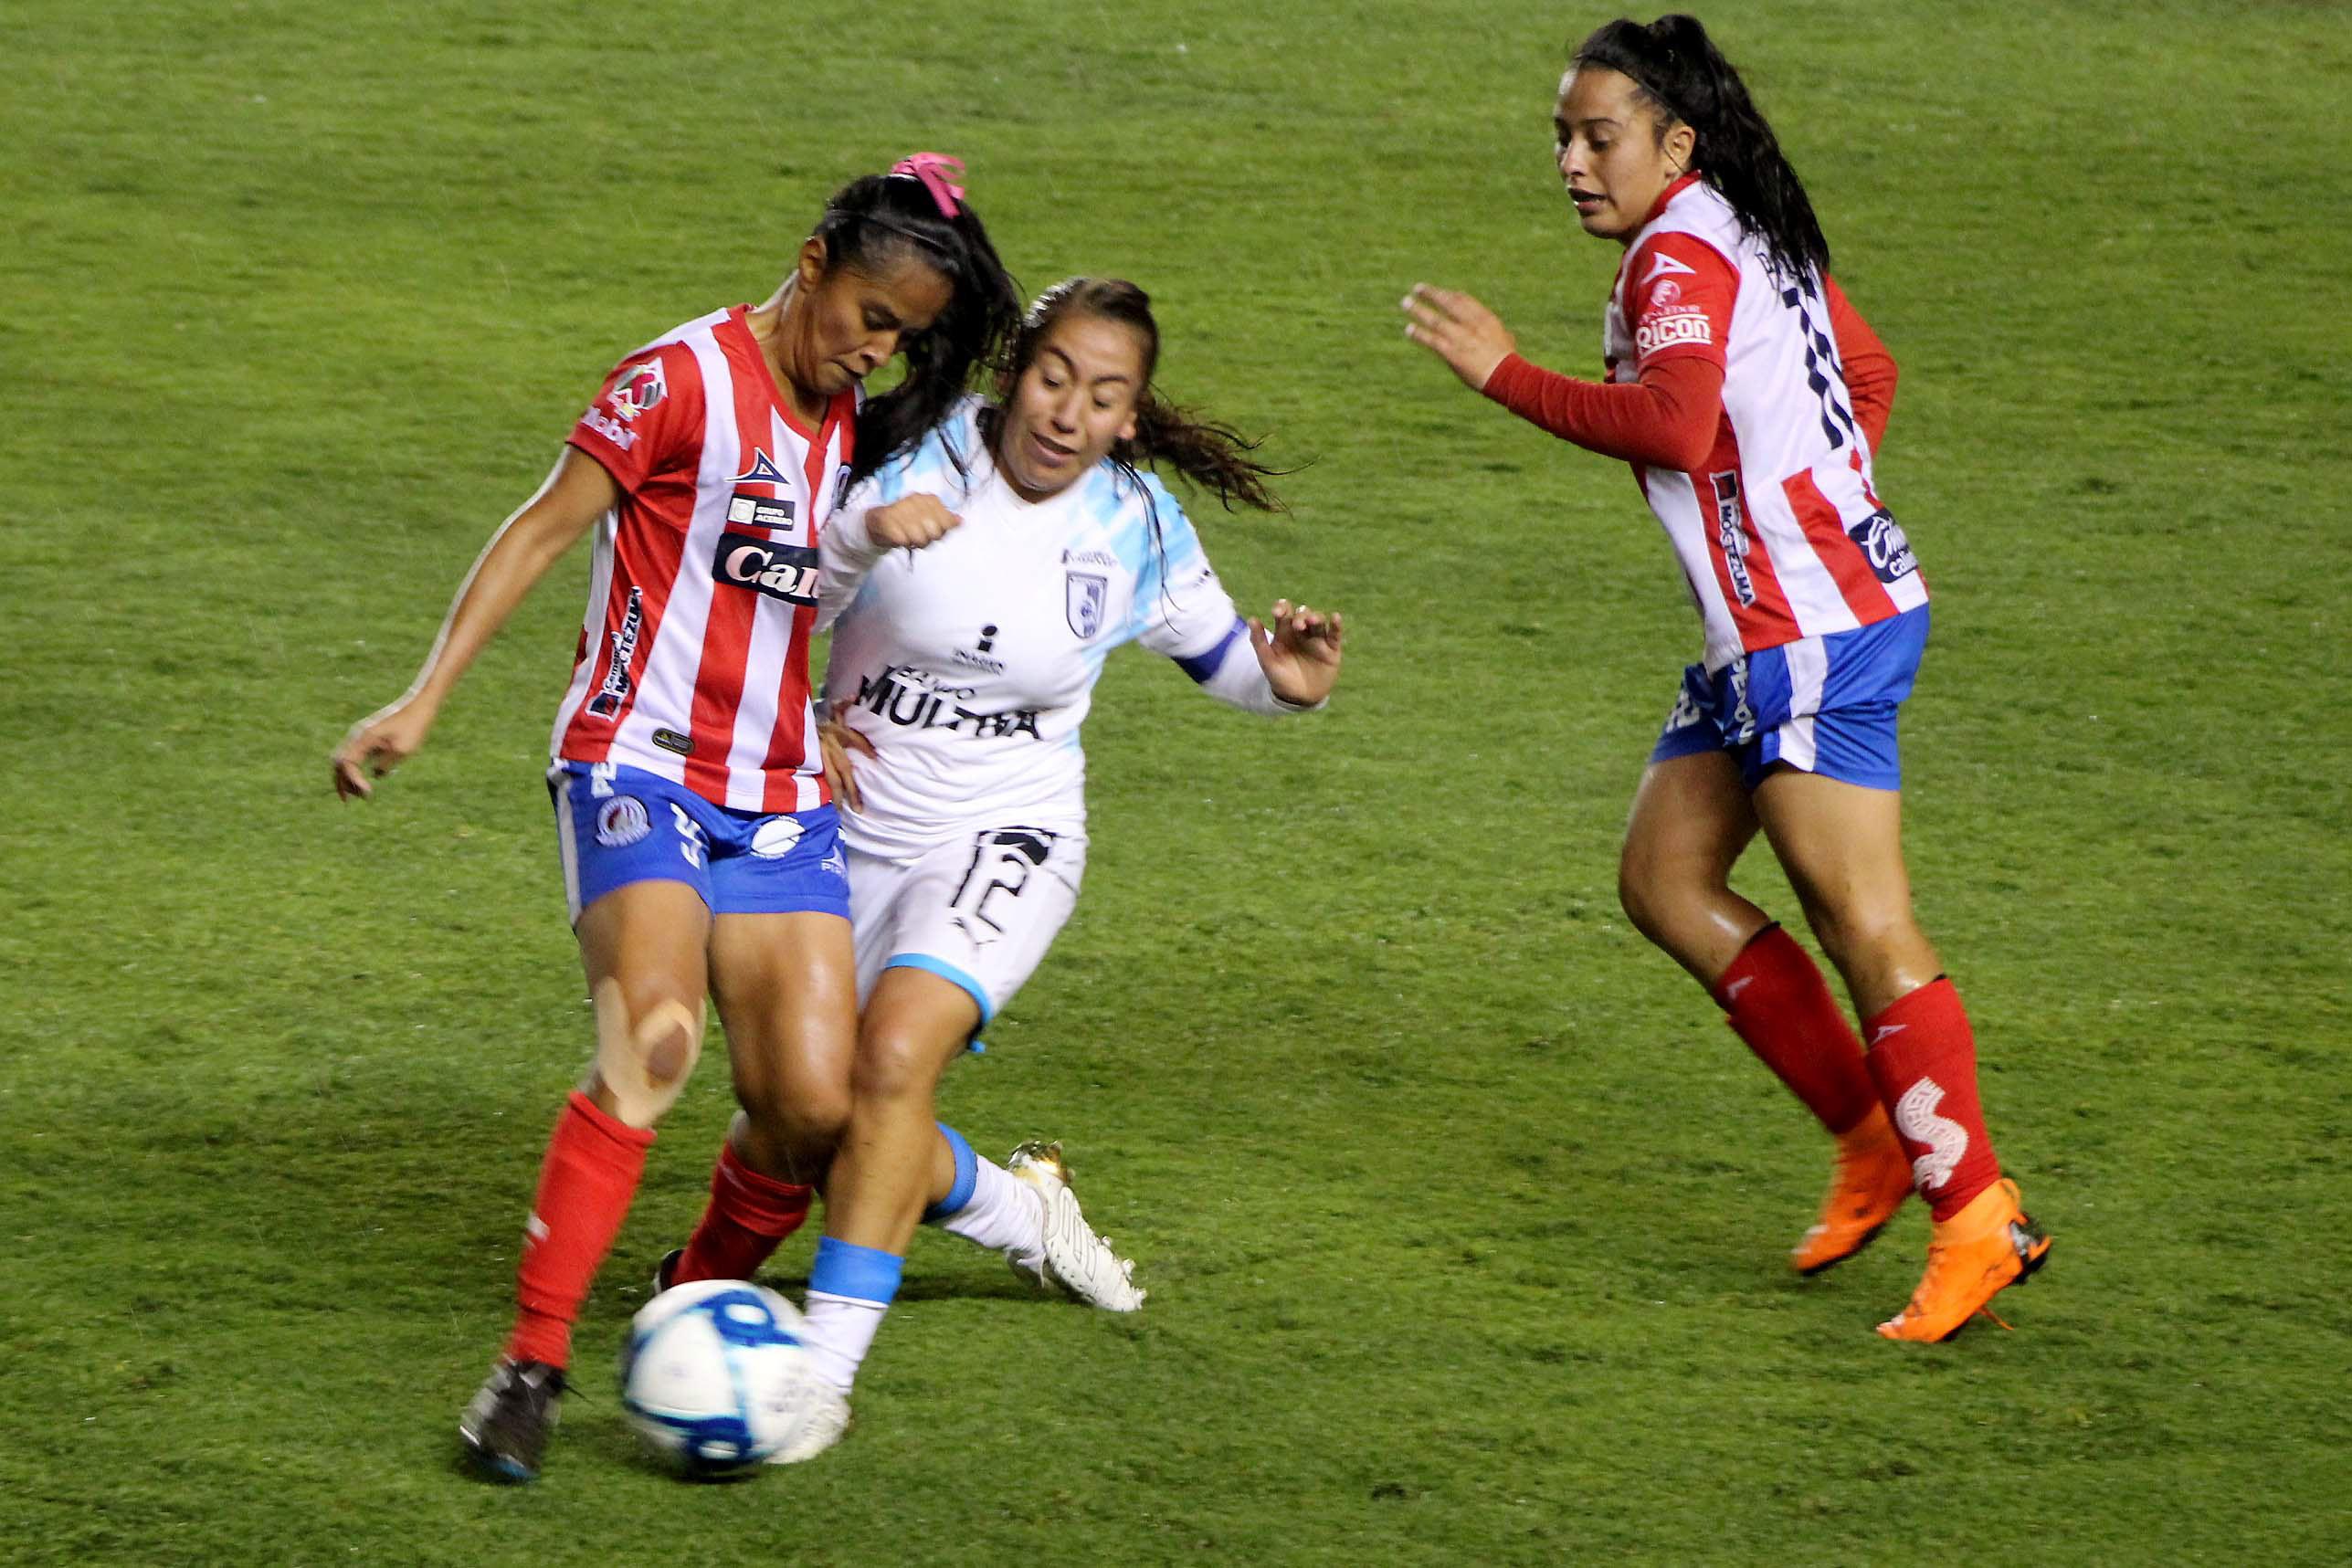 San Luis Potosí, 27 de agosto del 2019, en la jornada 8 de la Liga MX Femenil llevada a cabo en el estadio Alfonso Lastras de la capital potosina, equipo Atlético San Luis Femenil perdió ante el equipo visitante de Querétaro 2-0 (Foto: Cuartoscuro)